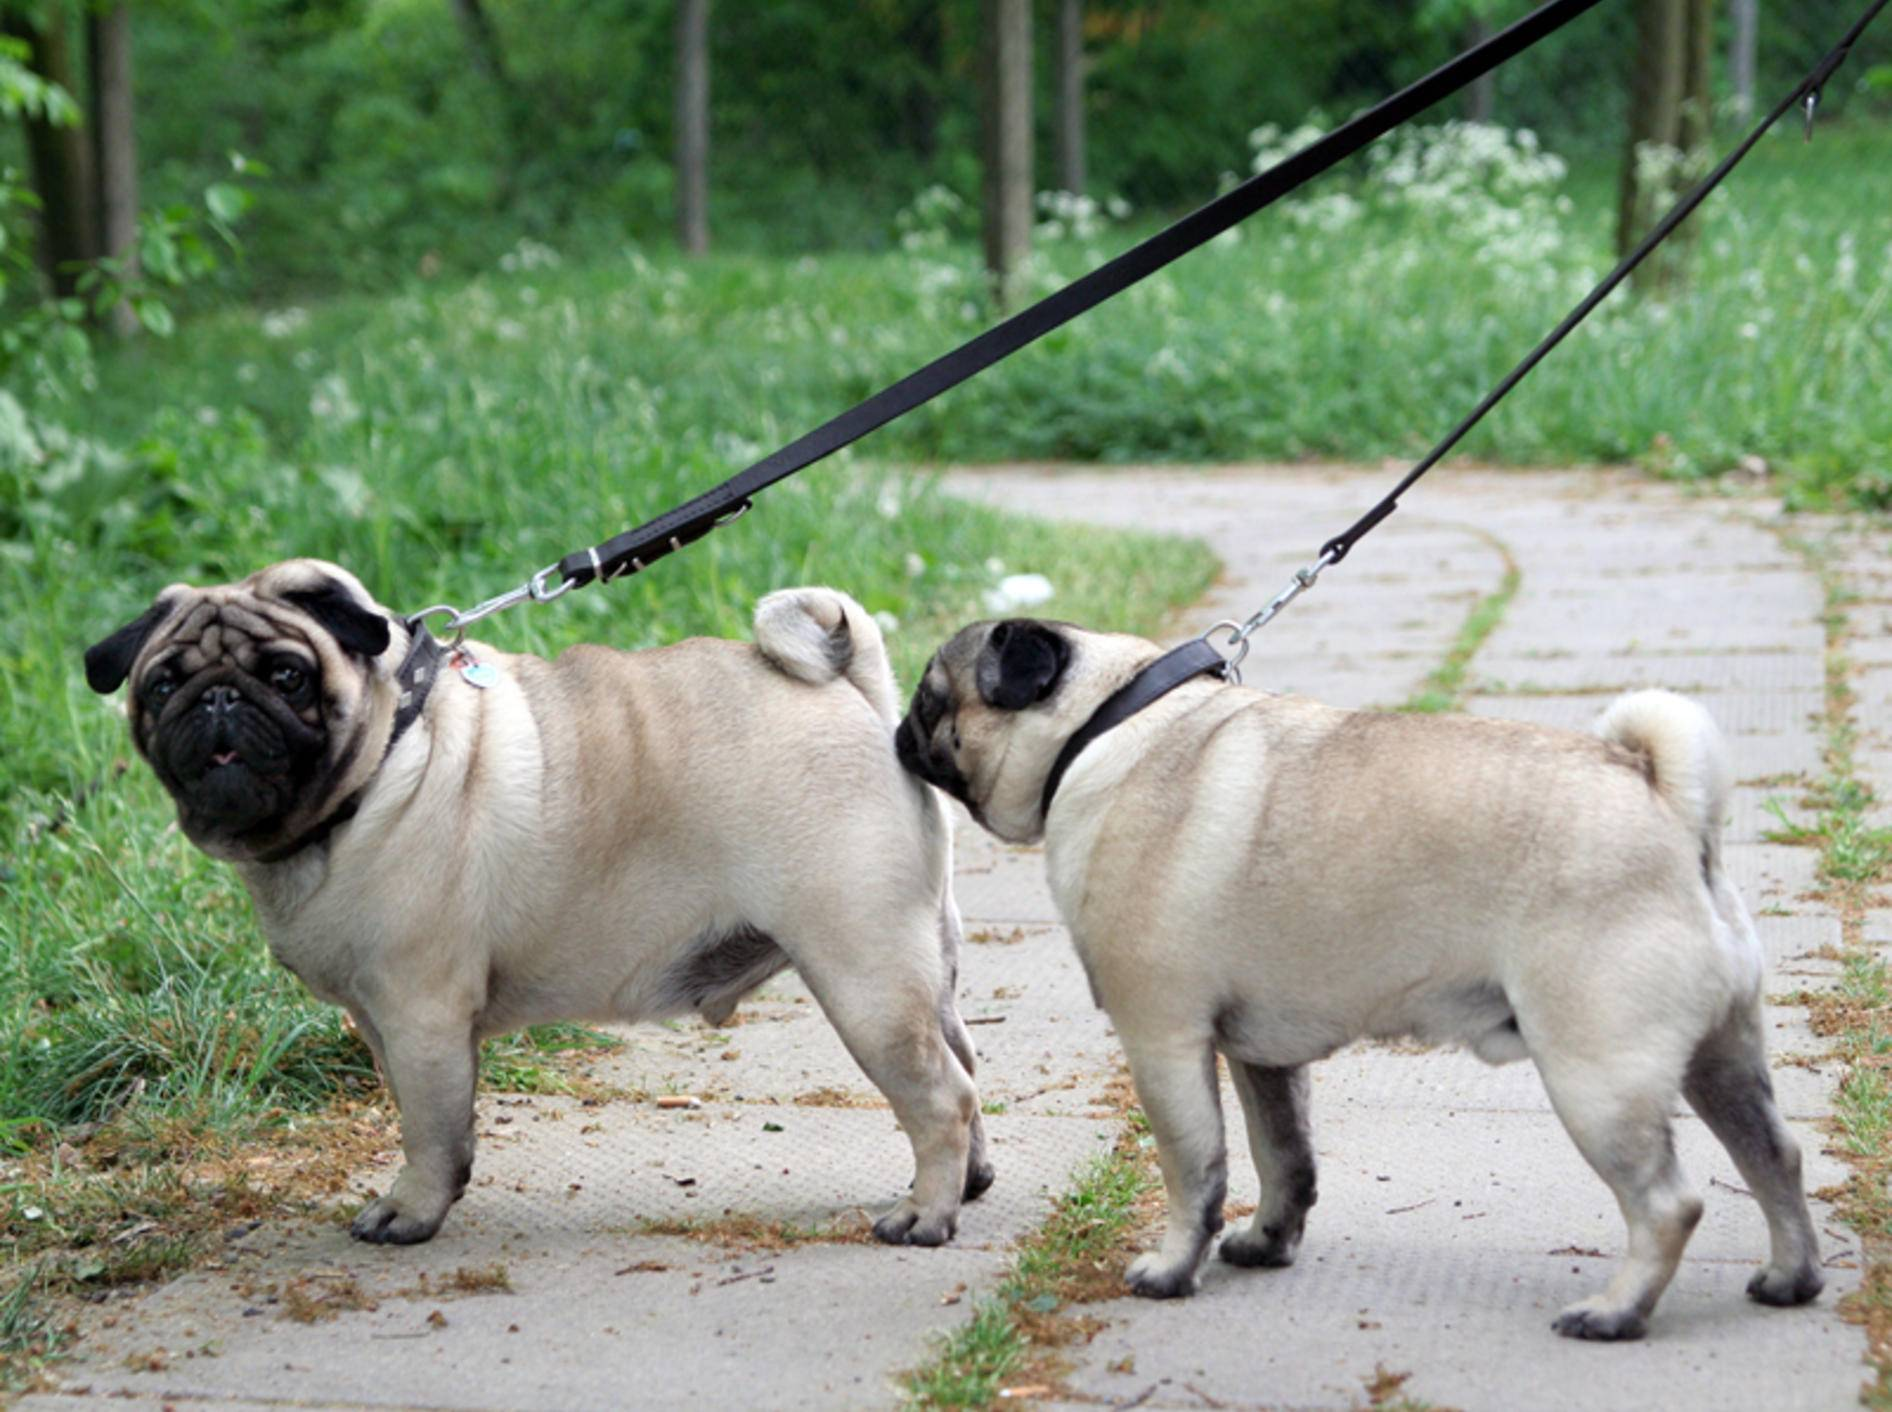 """Zwei Hunde lernen sich kennen: """"Schönen guten Tag, gestatten Sie, dass ich mich vorstelle?"""" – """"Aber sicher doch, schnuppern Sie mir am Allerwertesten"""" – Shutterstock / Johannes Flex"""